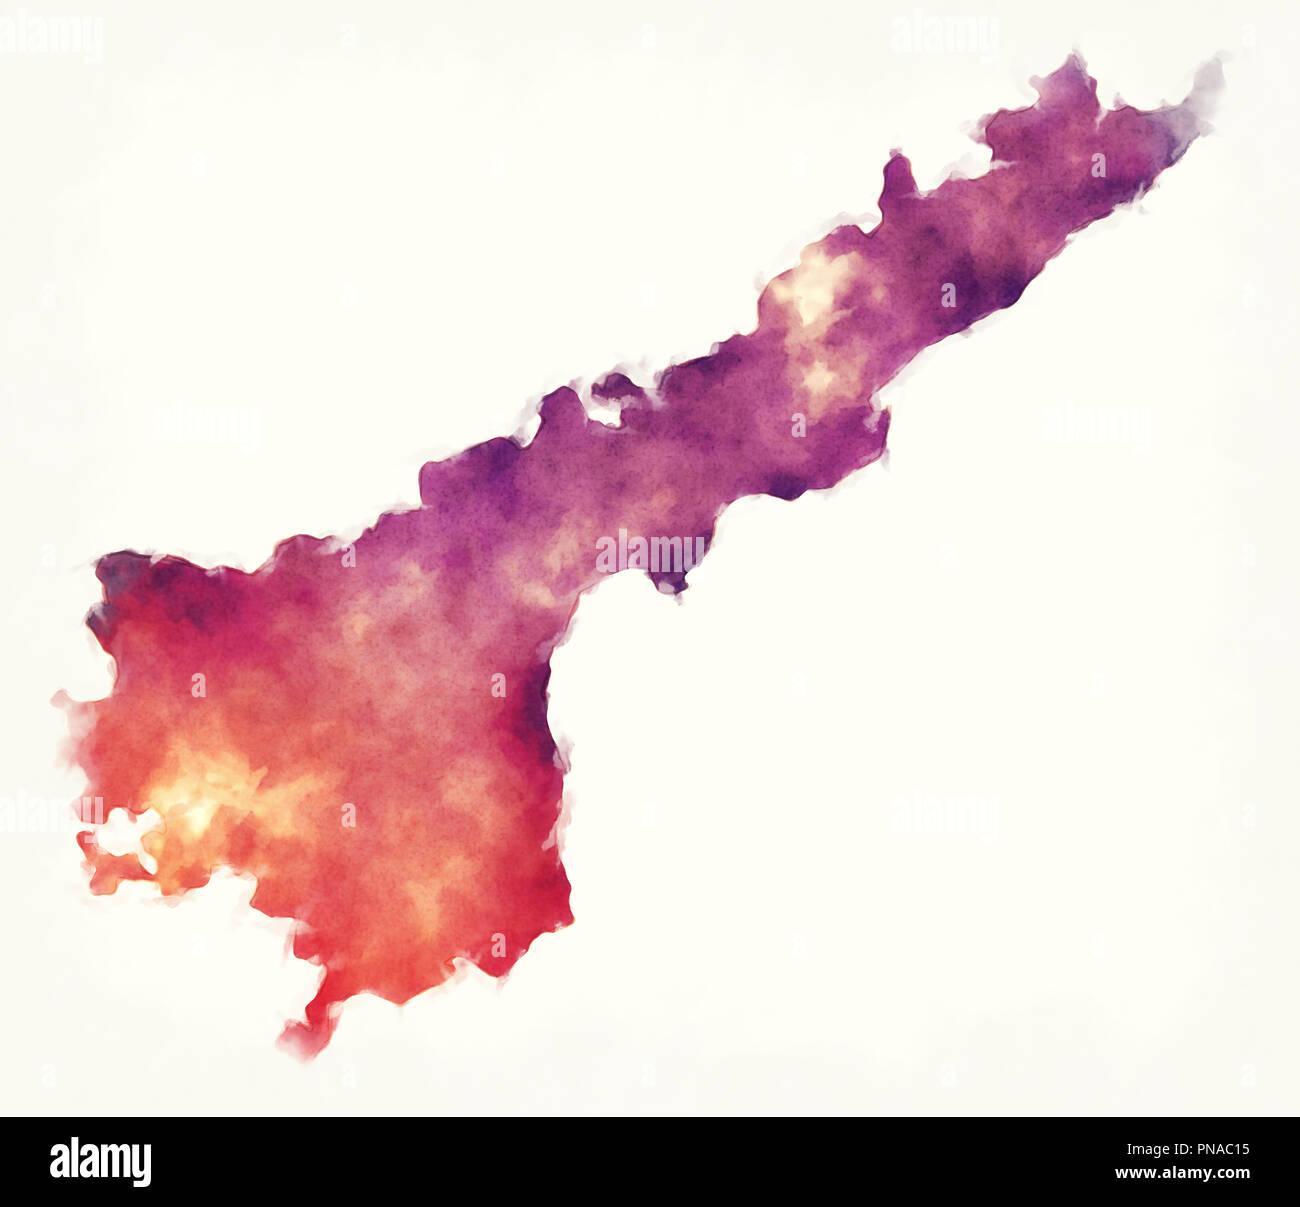 Andhra Pradesh Map Stock Photos & Andhra Pradesh Map Stock Images ...